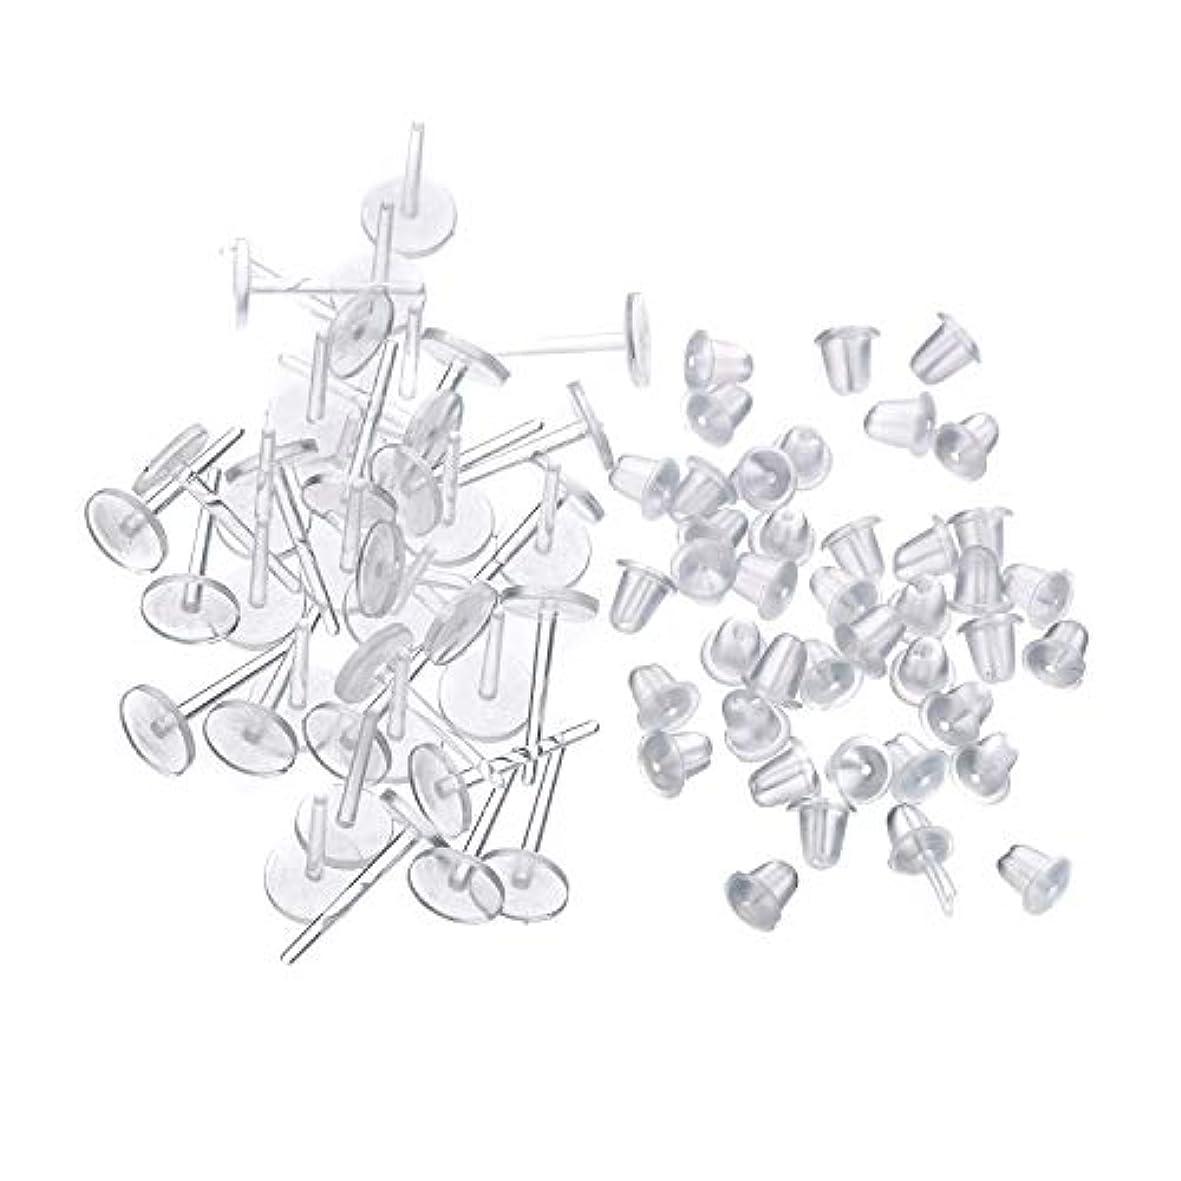 スパイラルコーン推進、動かすシークレットピアス 樹脂透明ピアス 金属アレルギーフリー ピアスホール,20セット